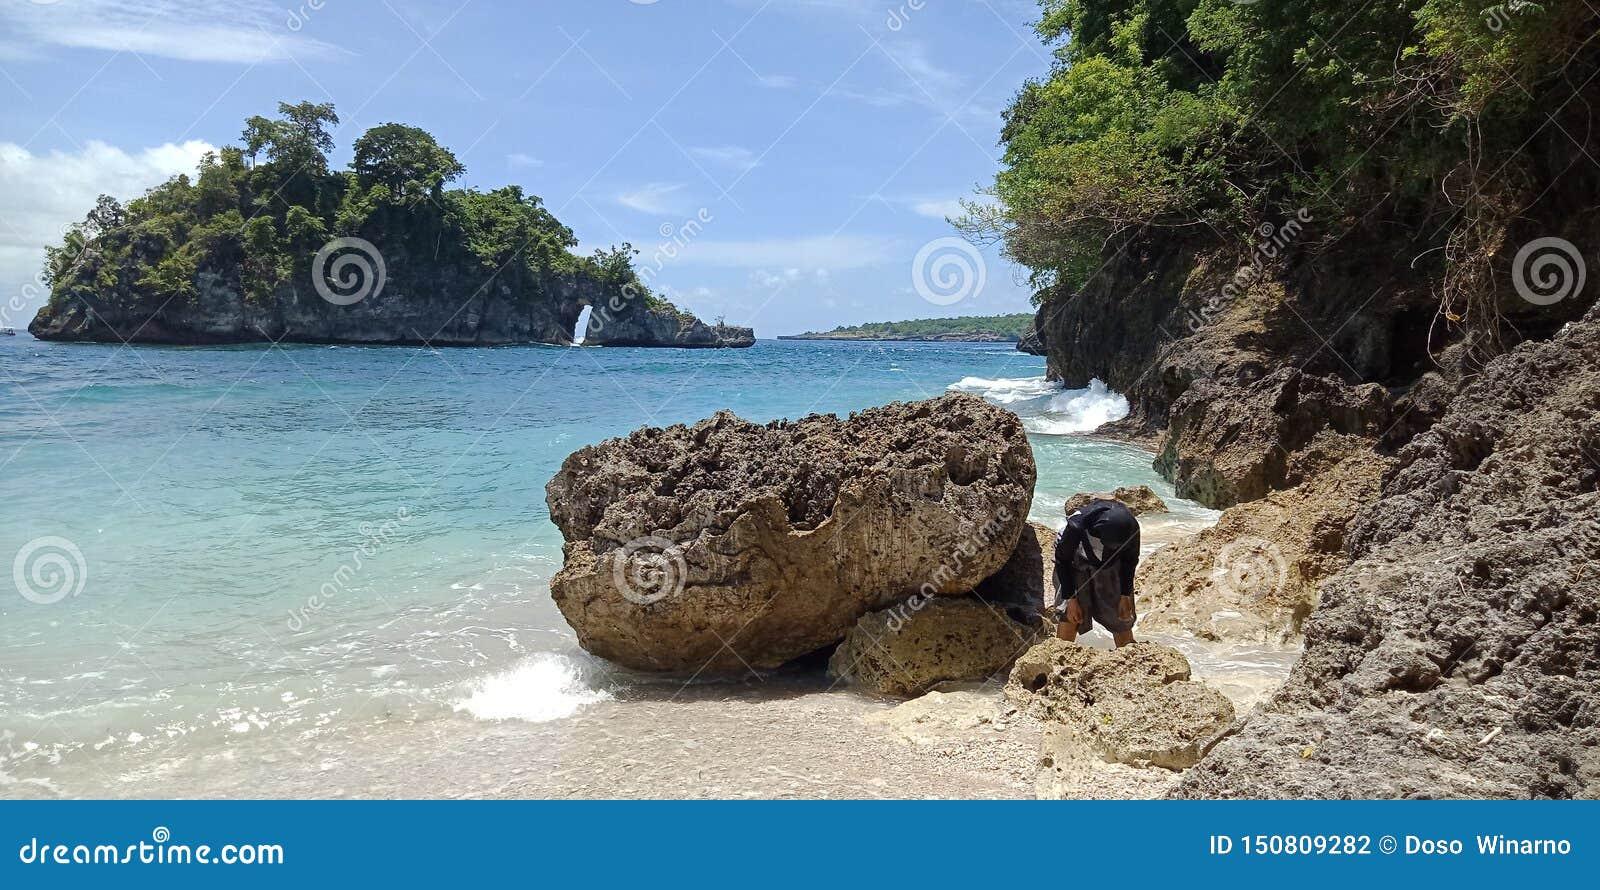 Этот пляж Canggu каменный, путешественник не только может видеть существование уникального виска также имеет склоняя область кото